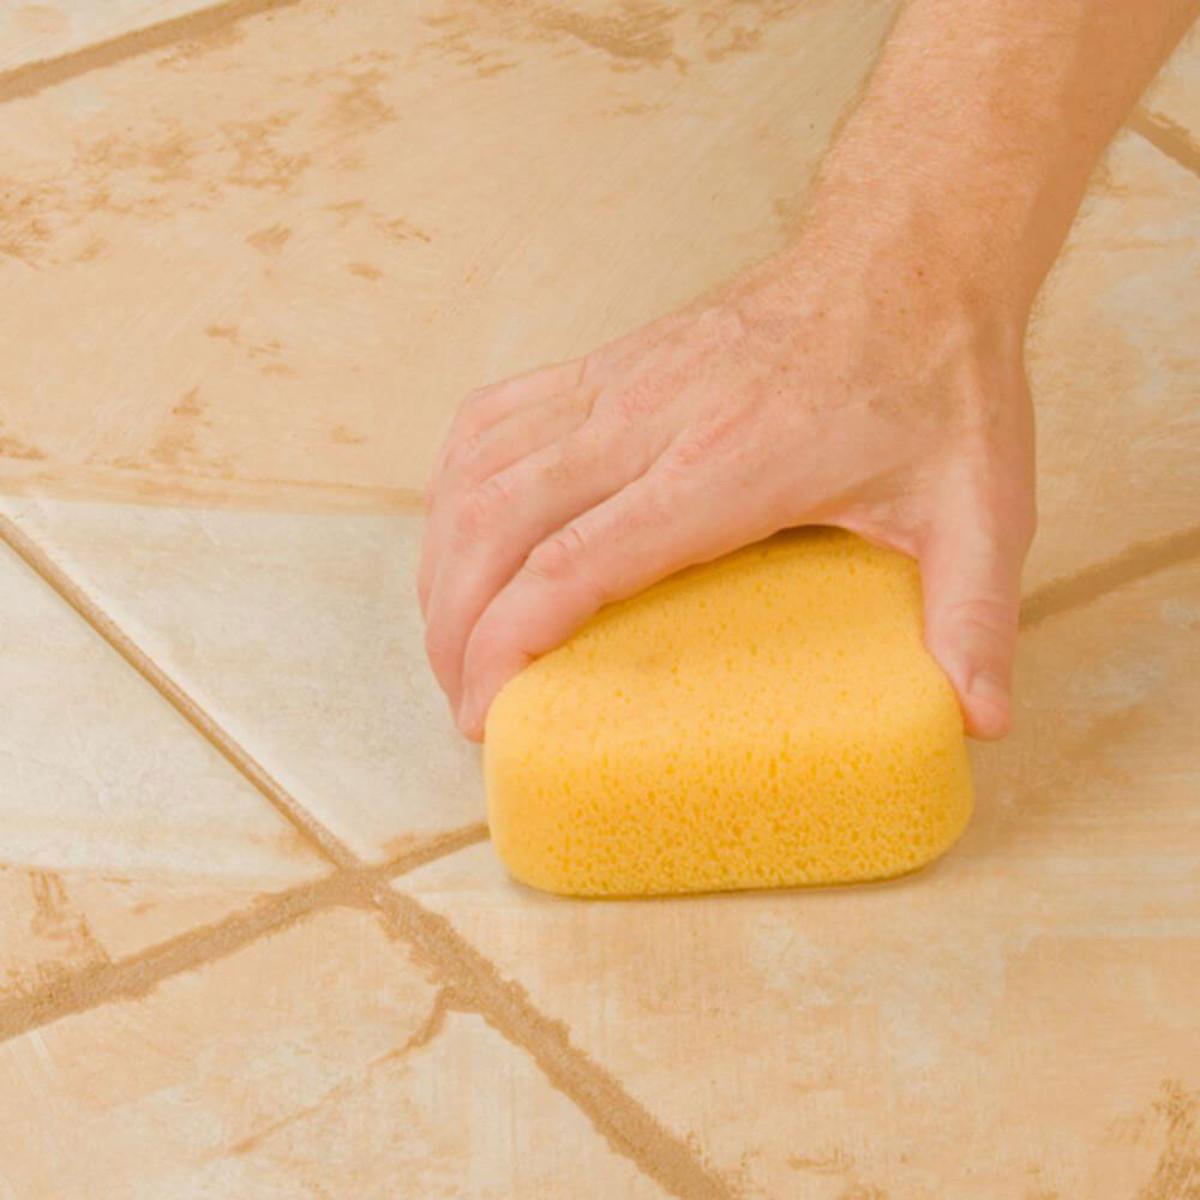 Hydrophilic tile grout sponge